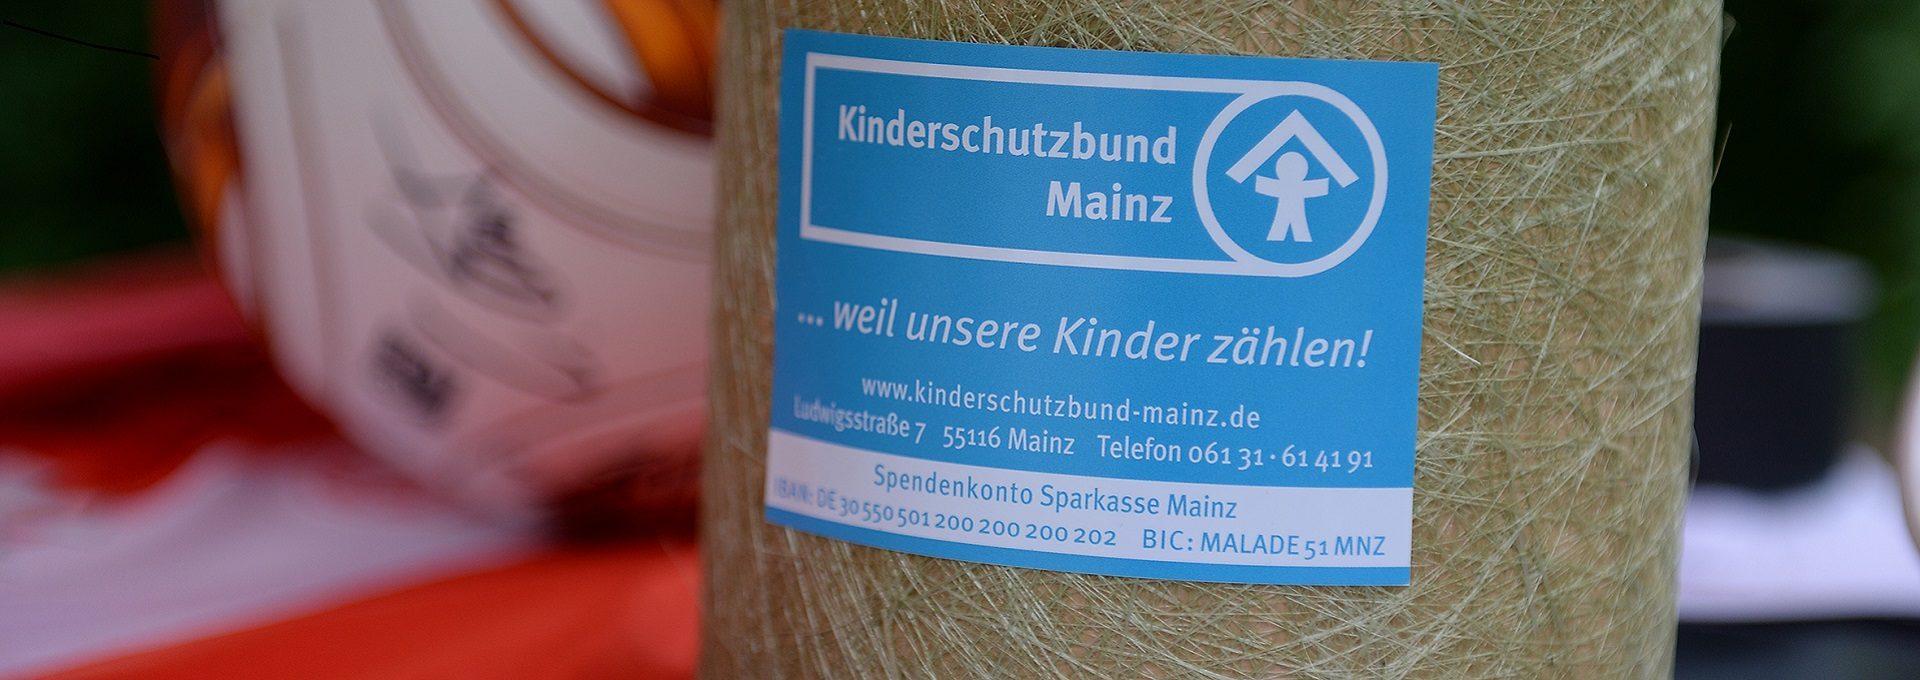 Aufnahme Flyer Kinderschutzbund